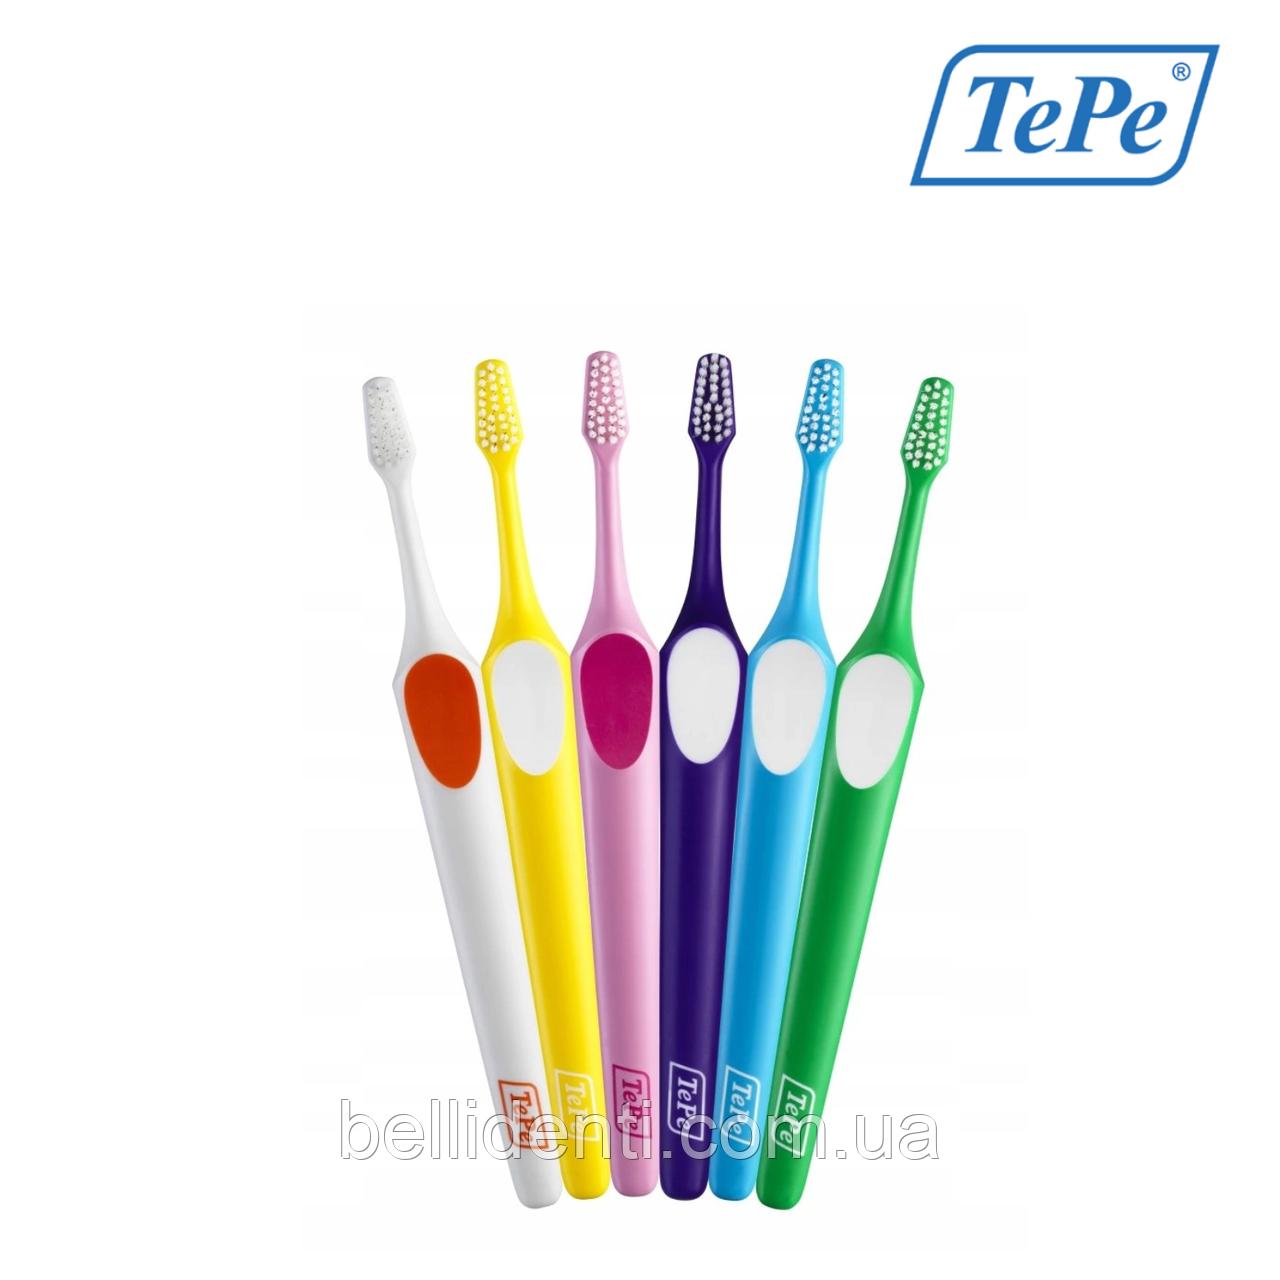 Зубная щетка TePe Supreme Soft 1 шт